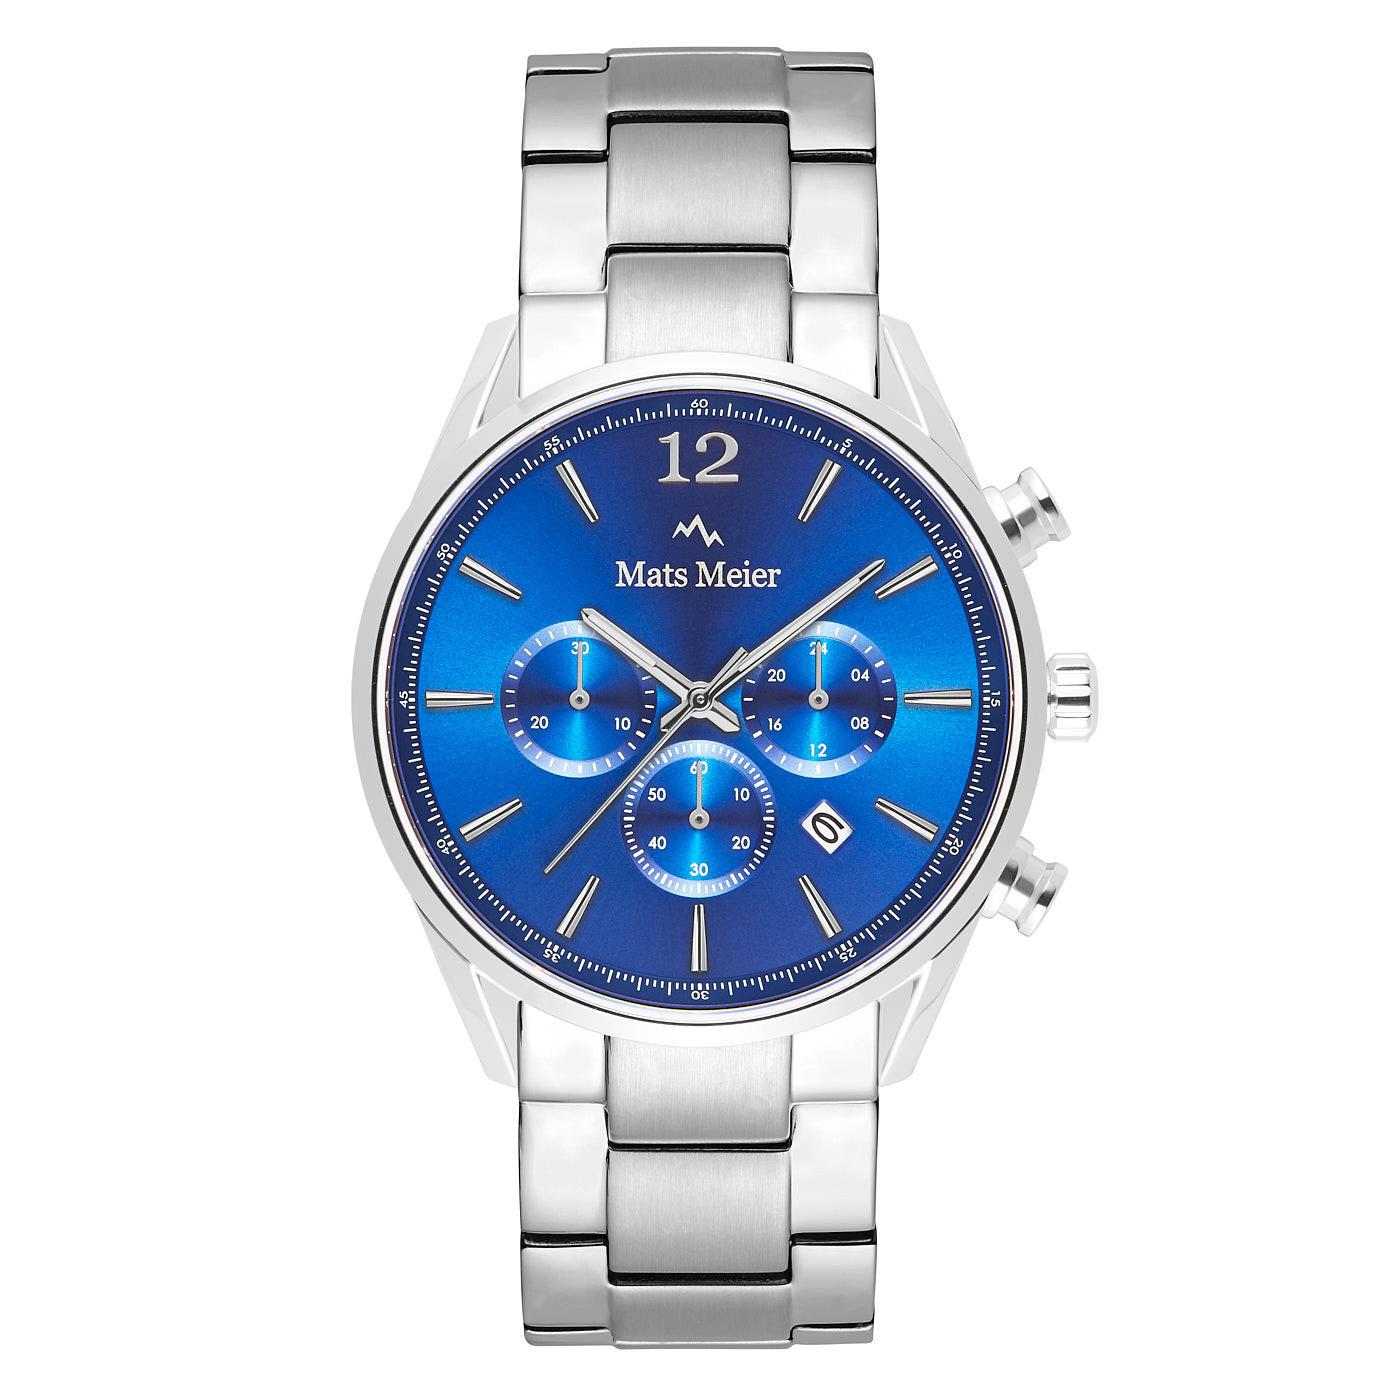 Mats Meier Grand Cornier chronograaf horloge blauw/zilverkleurig staal